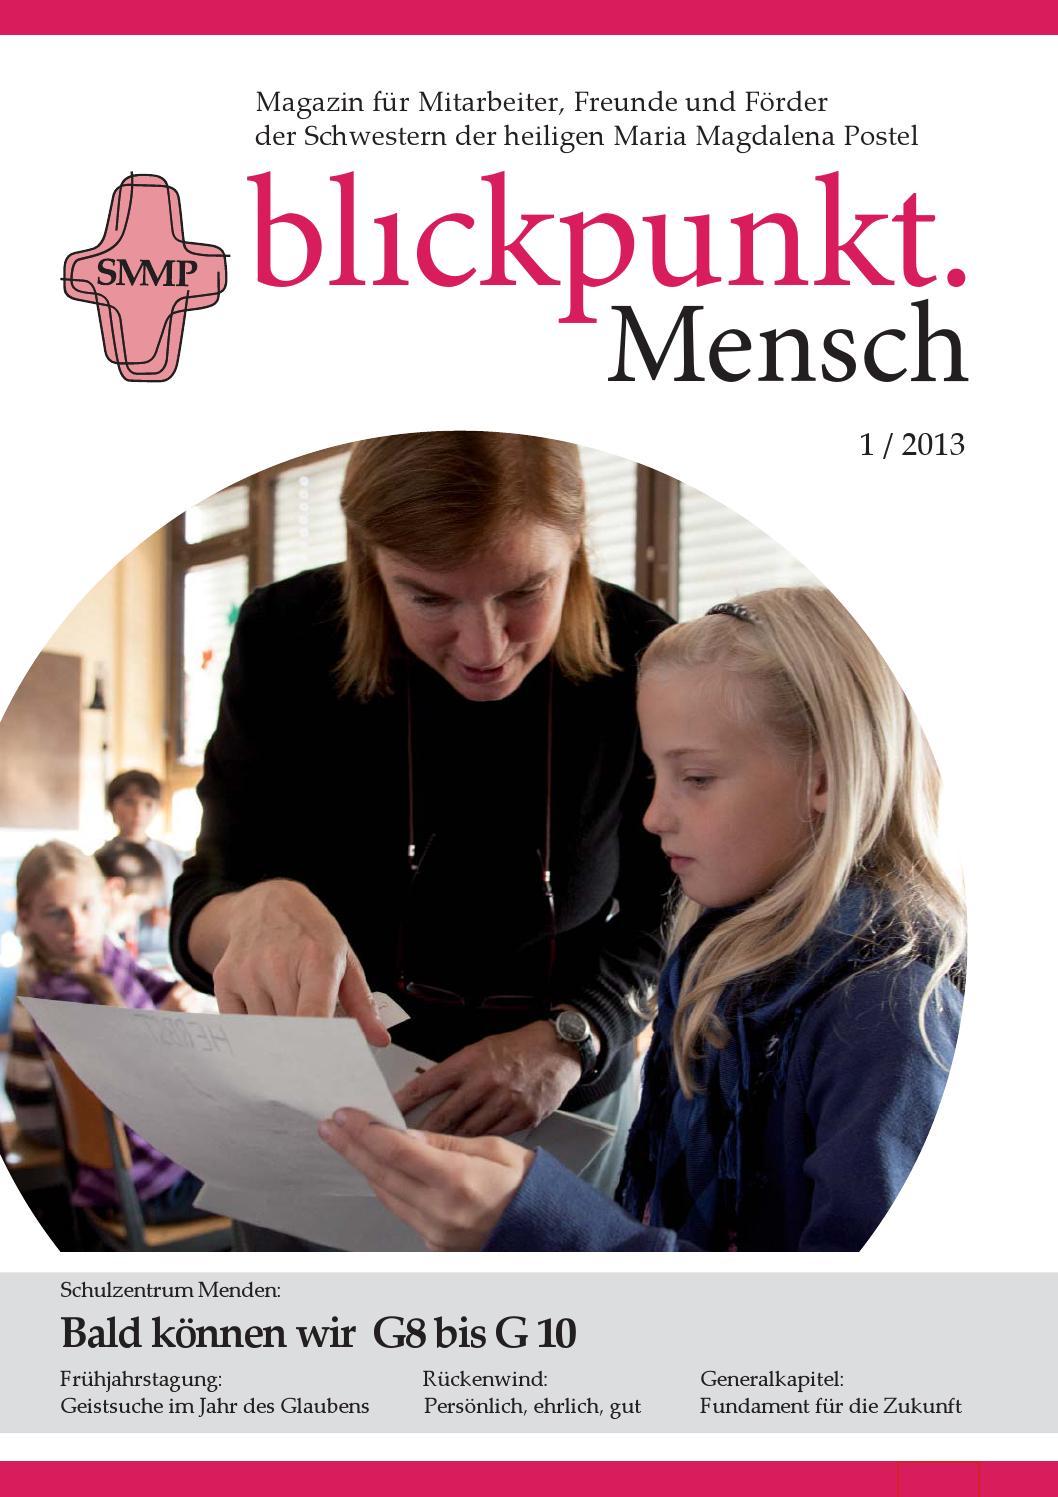 blickpunkt mensch 1 2013 by schwestern der heiligen maria. Black Bedroom Furniture Sets. Home Design Ideas